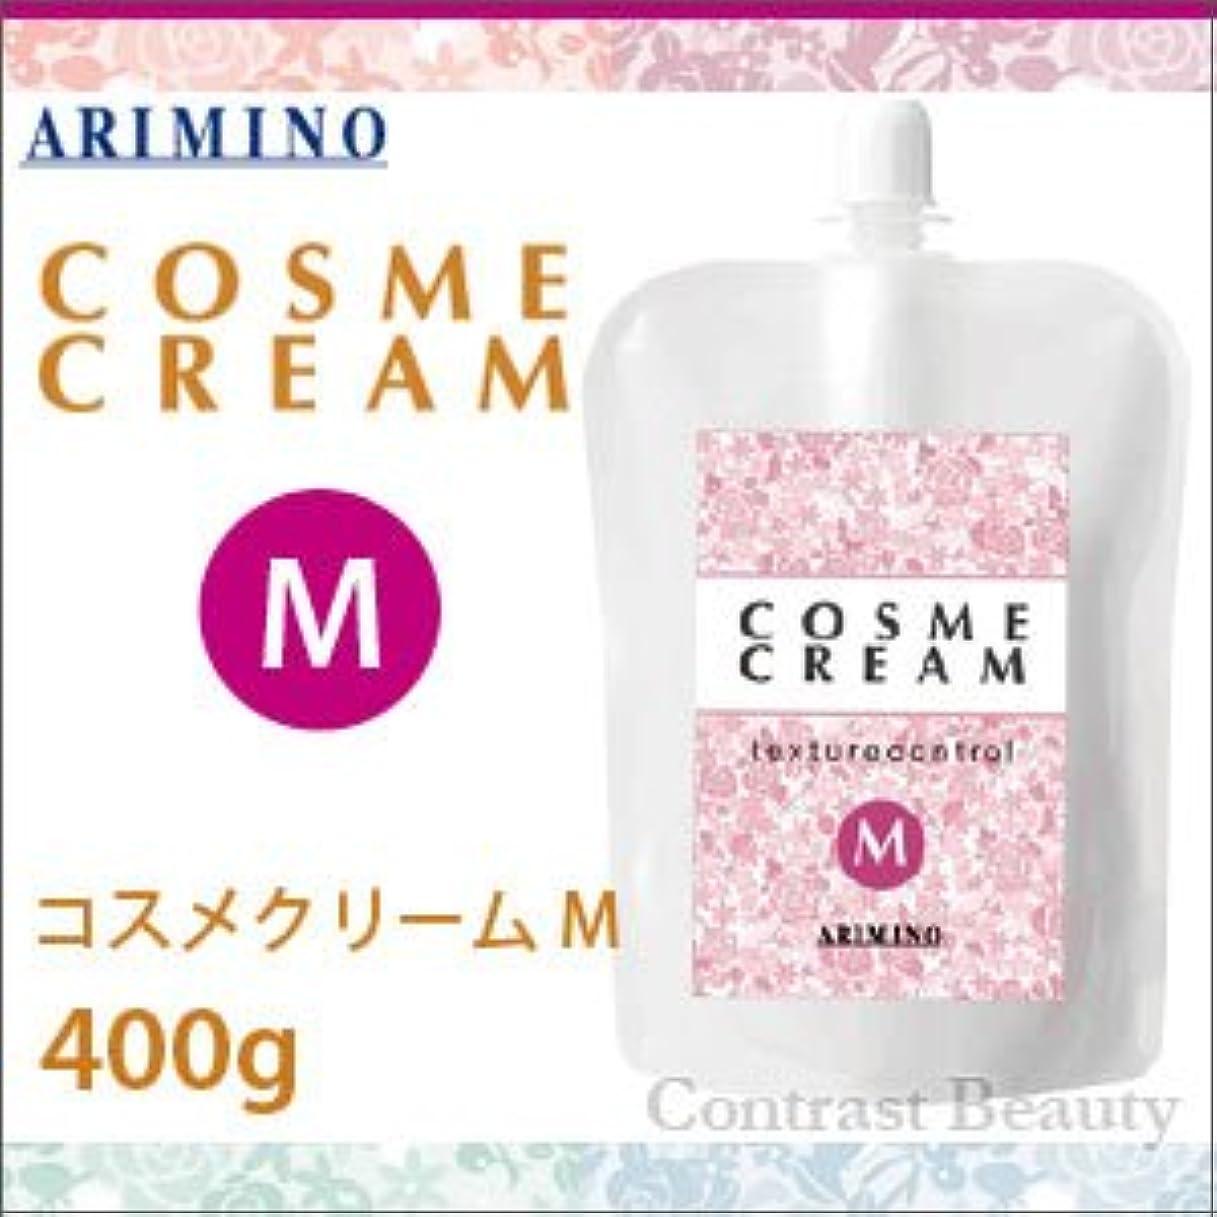 スキム製油所幻滅アリミノ コスメクリーム M 400g